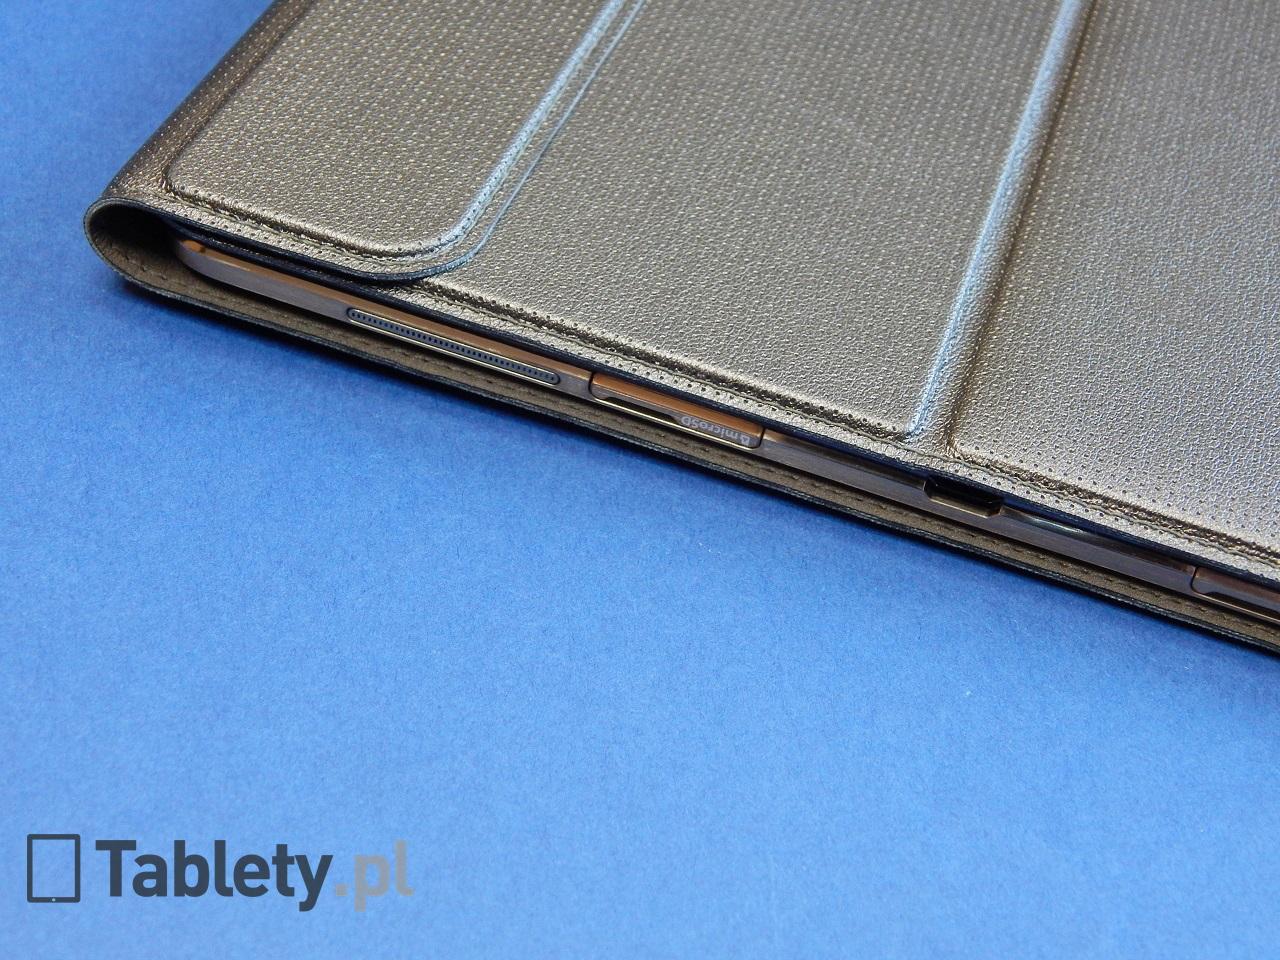 Samsung Galaxy Tab S 10.5 17